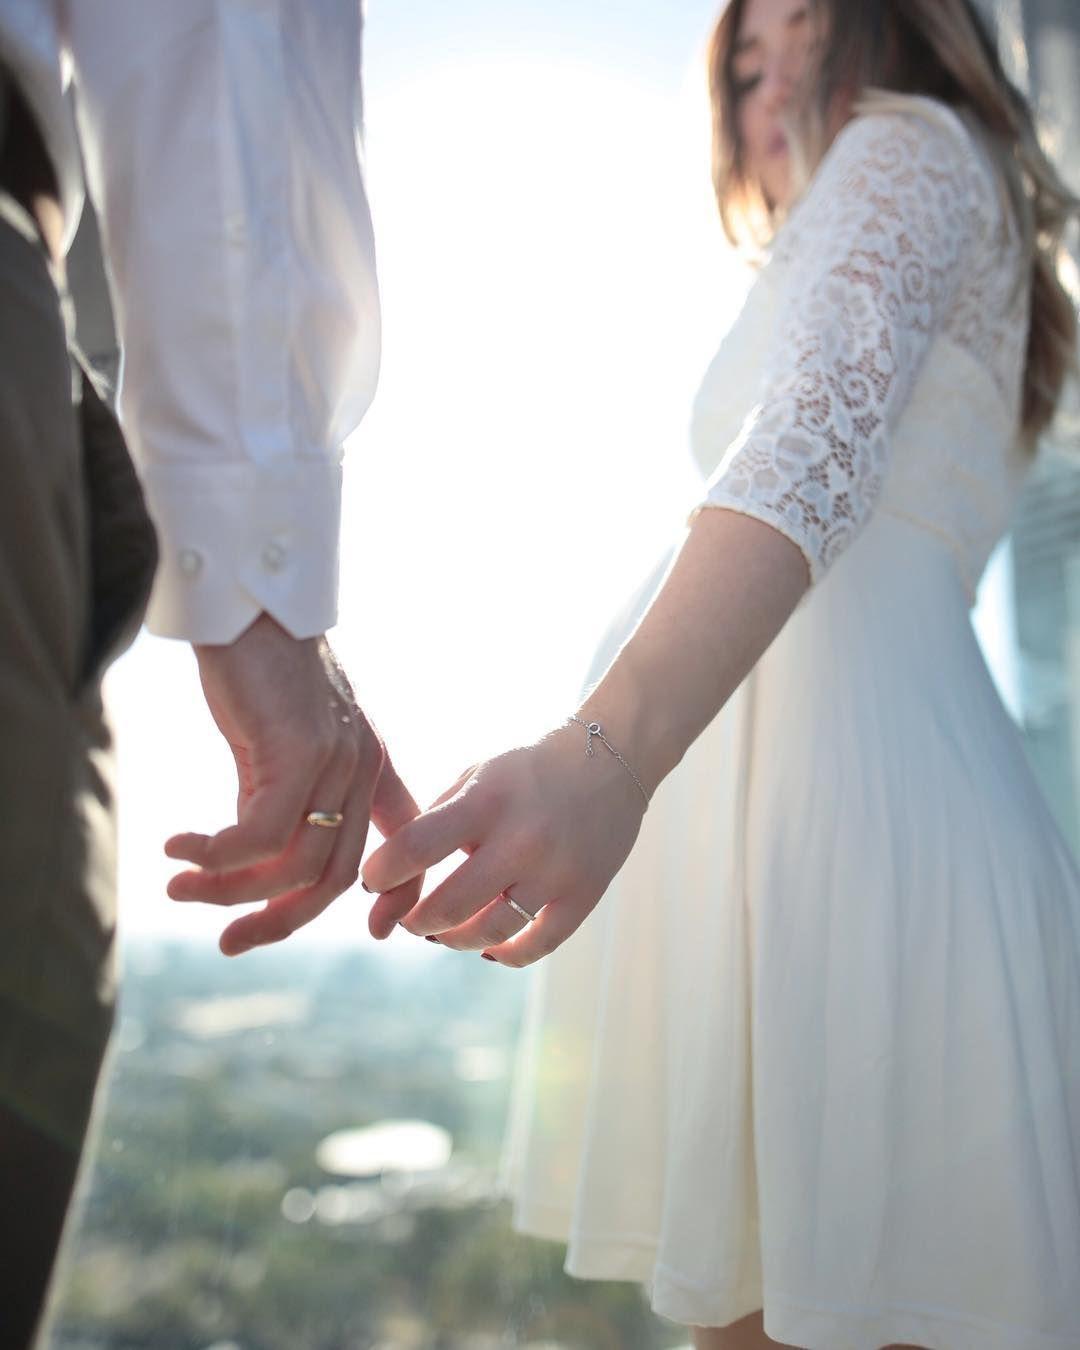 Gefallt 626 7 Tsd Mal 9 753 Kommentare Bibi Bibisbeautypalace Auf Instagram Fur Immer Julienco Wedding Planning Instagram Wedding